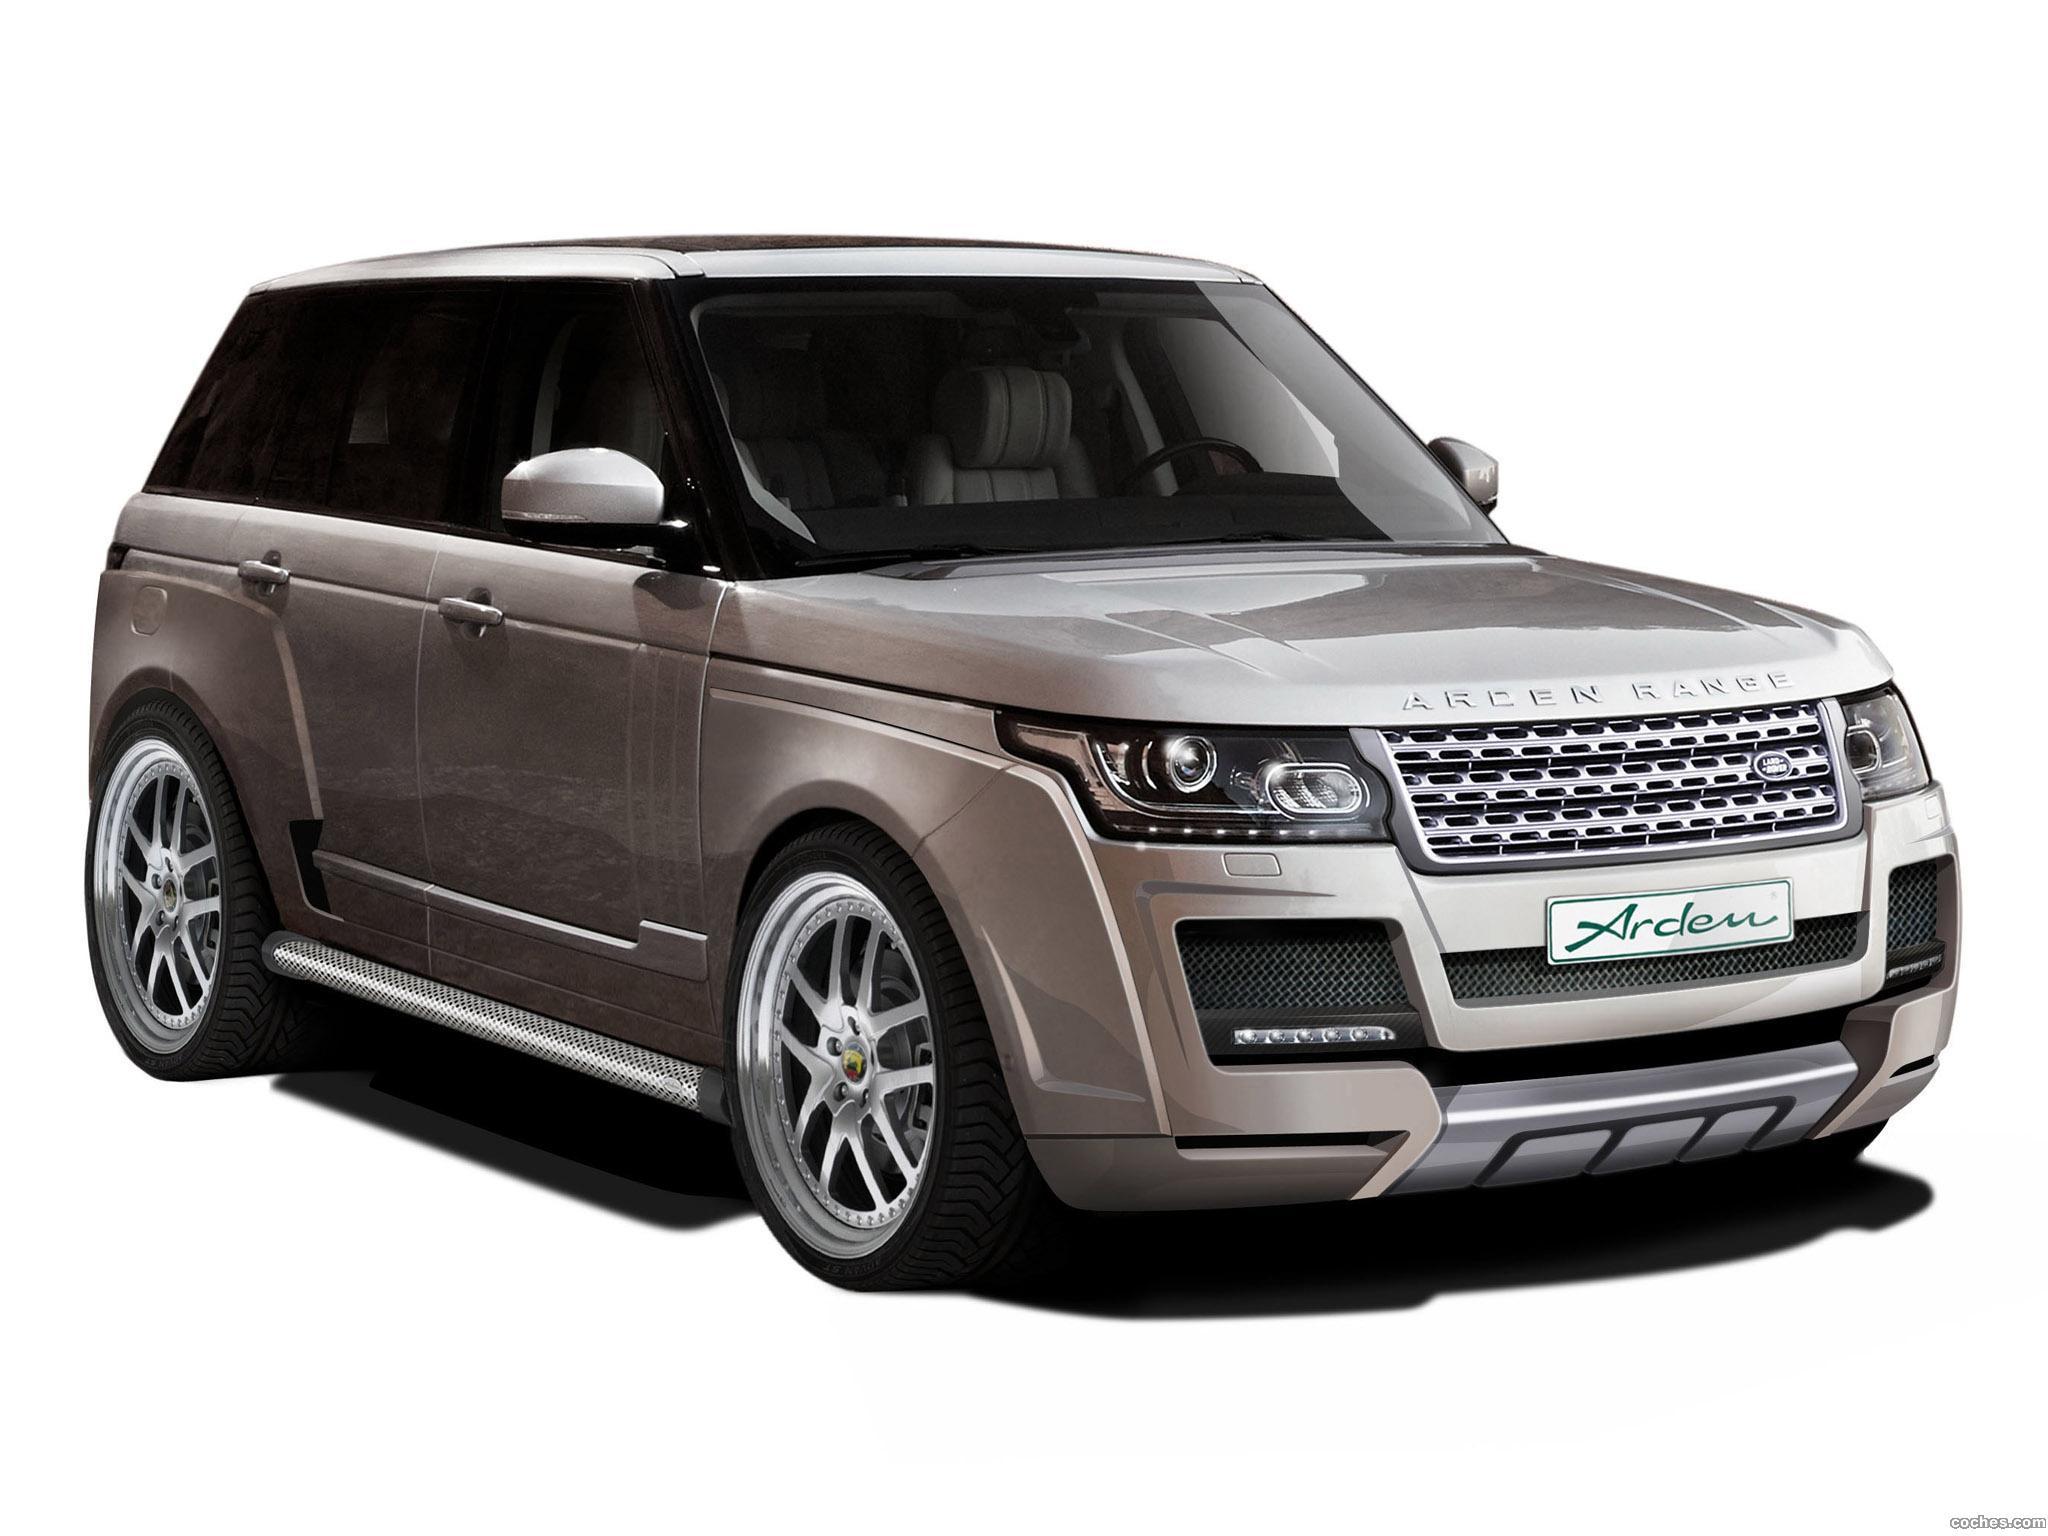 Foto 0 de Arden Land Rover Range Rover AR 9 2013